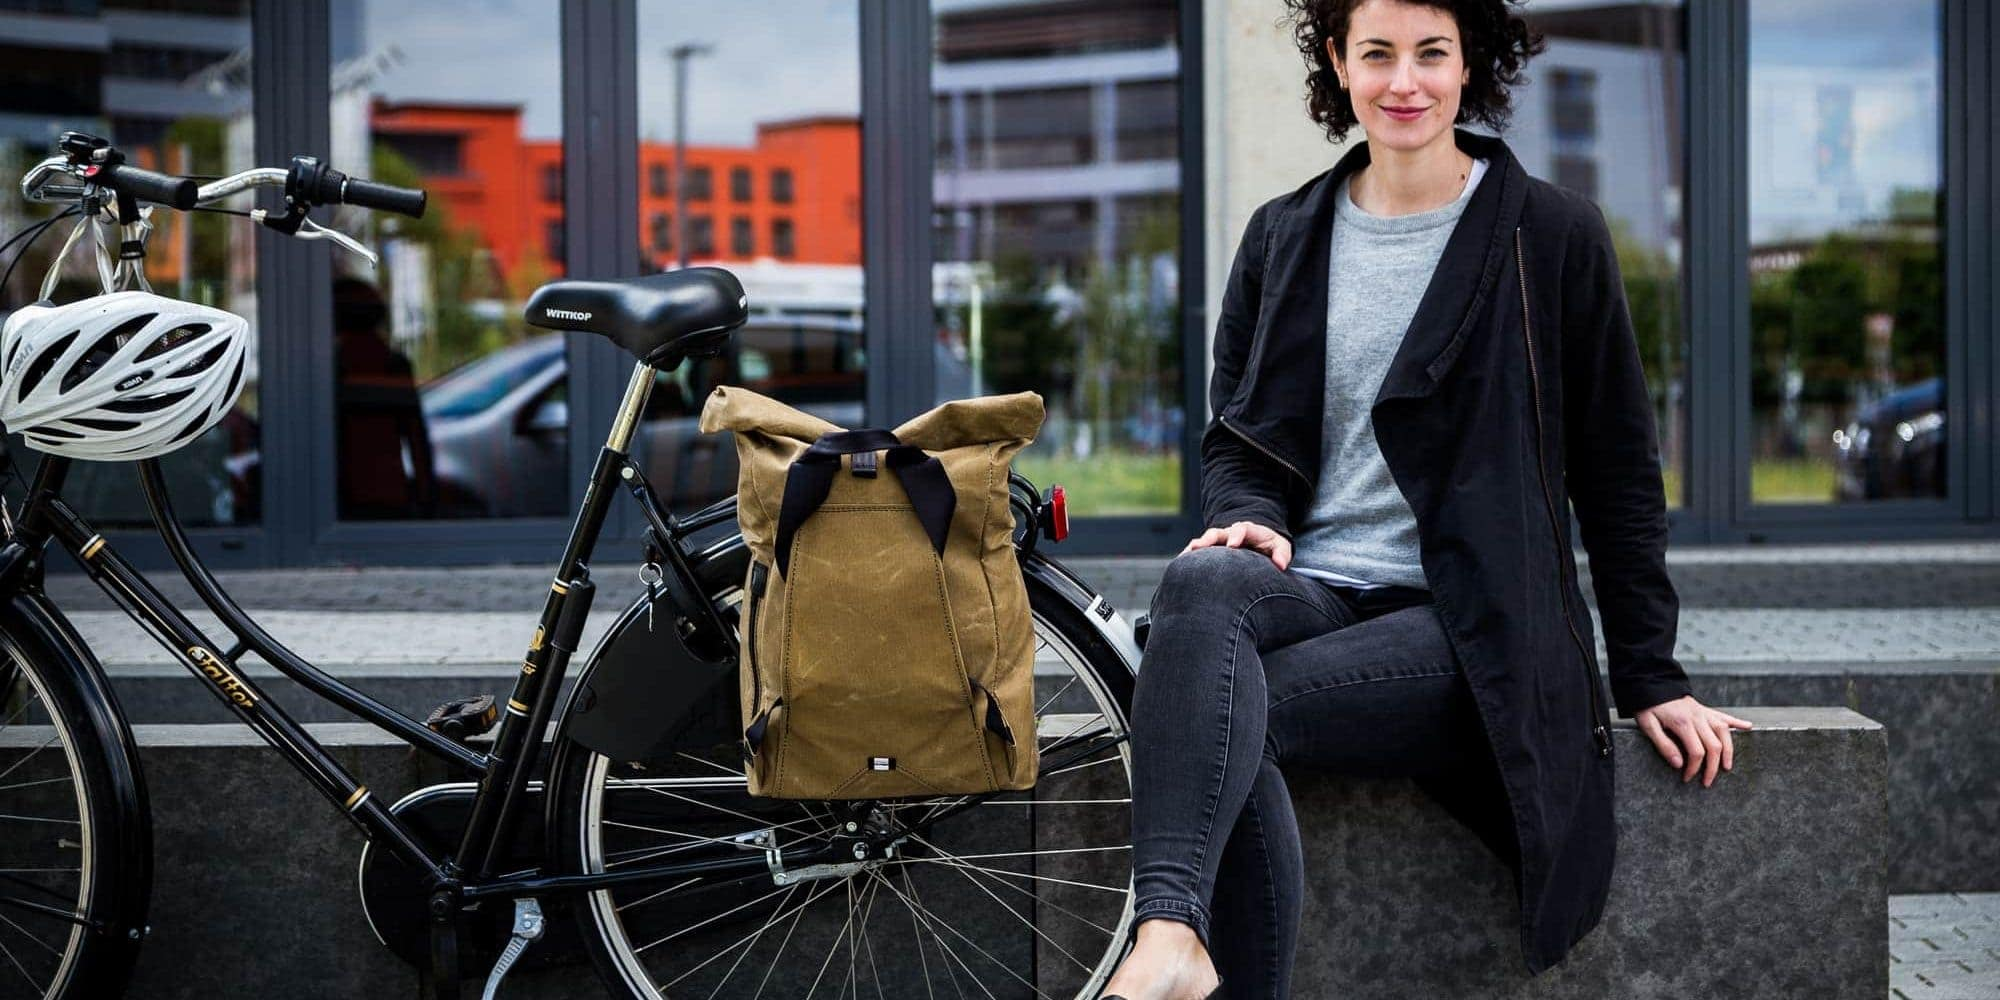 Fahrradrucksack THE URBAN Traveller aus gewachster Baumwolle. - Hier am Fahrrad montiert.